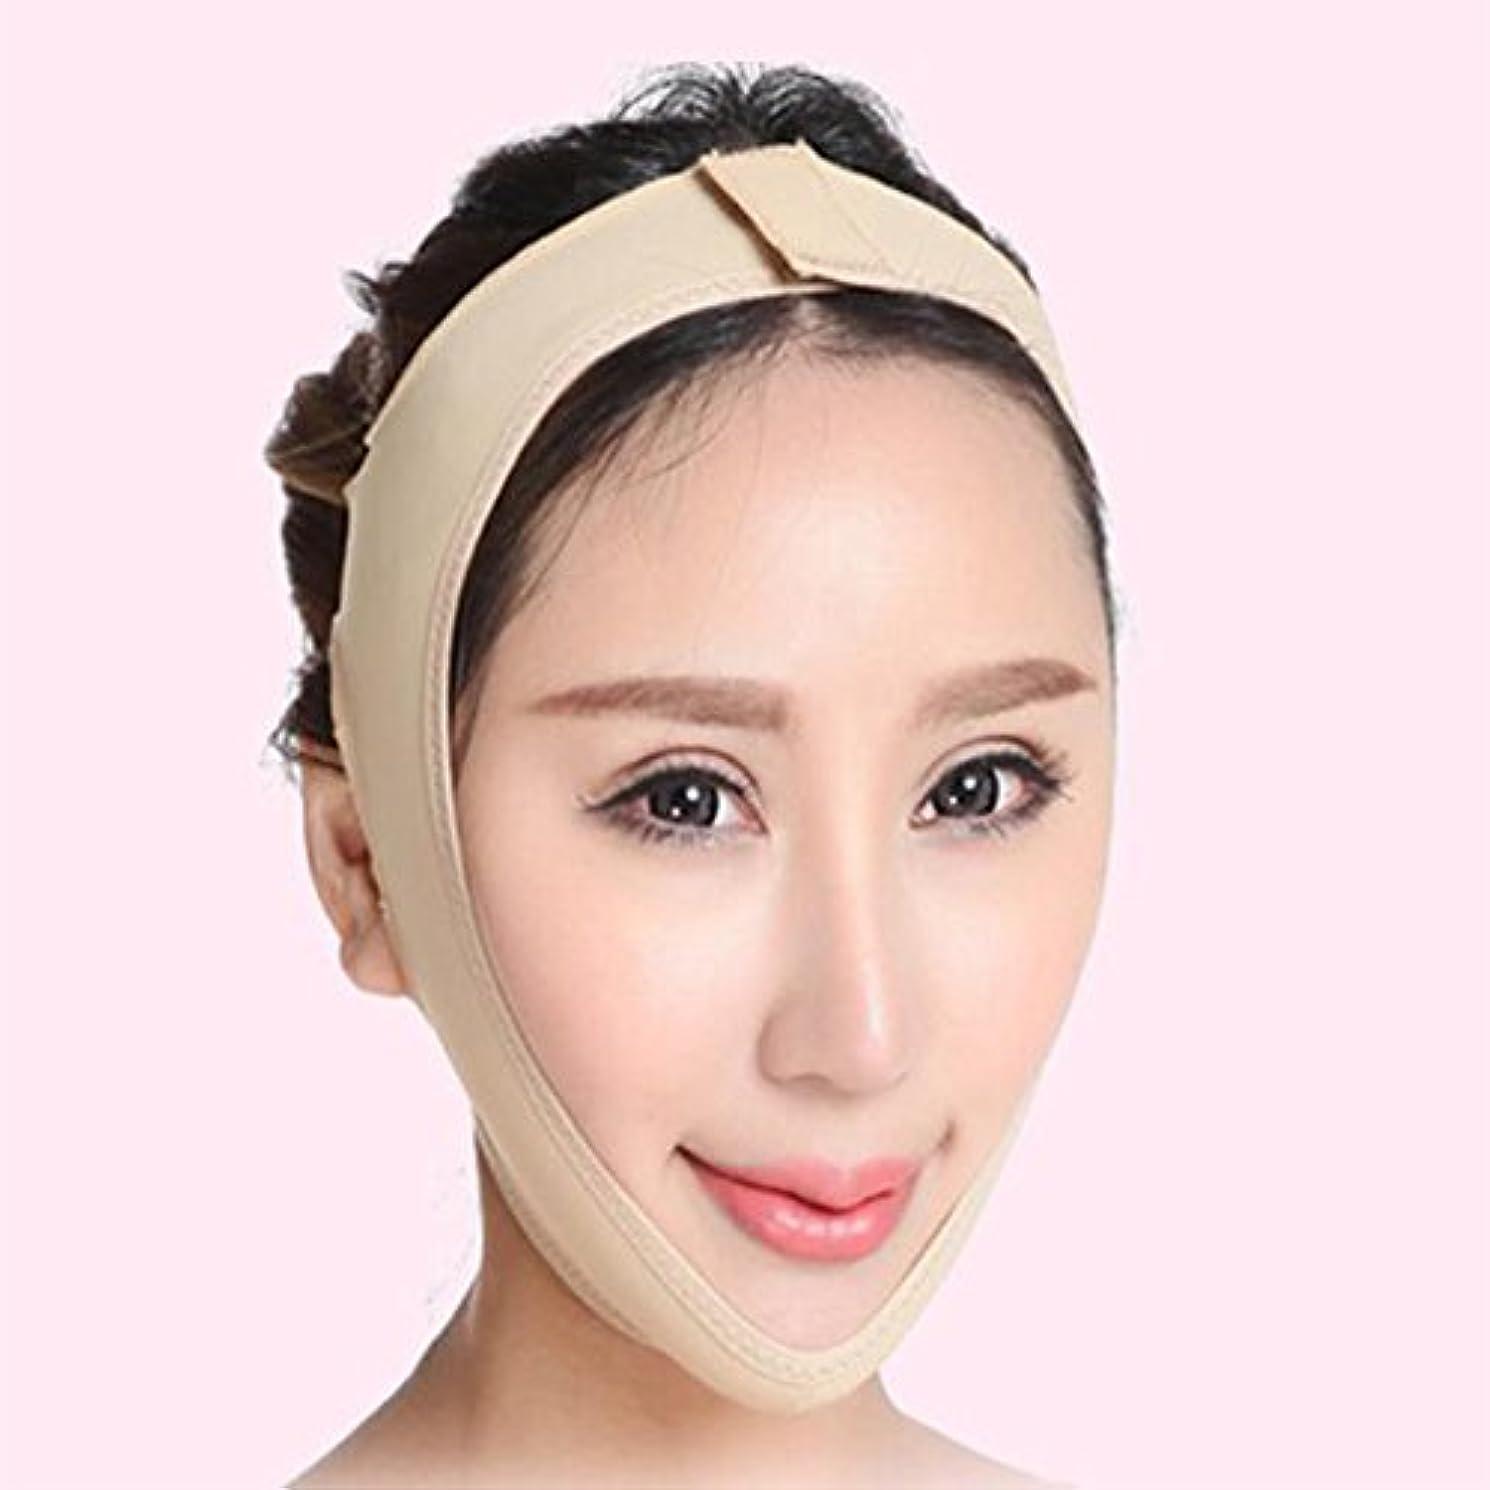 感情の独占根拠1stモール 小顔 小顔マスク リフトアップ マスク フェイスライン 矯正 あご シャープ メンズ レディース Sサイズ ST-AZD15003-S